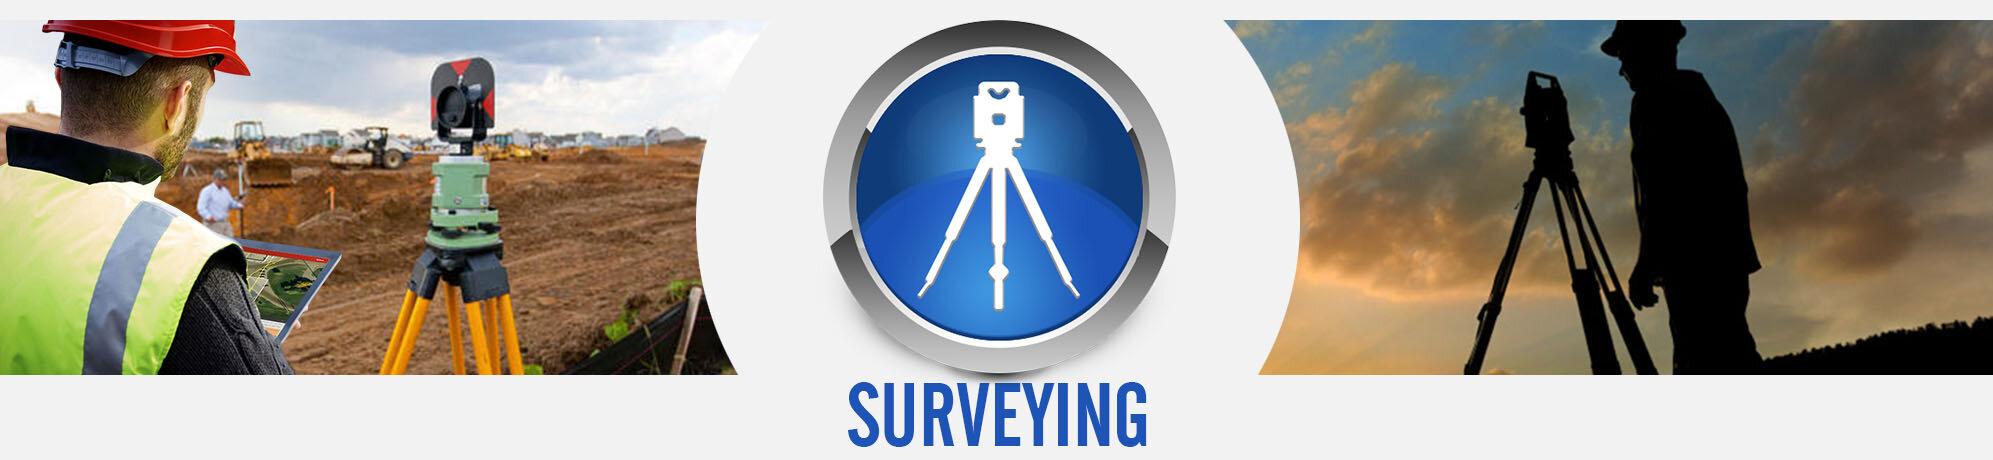 IndustrySurveyingB.jpg